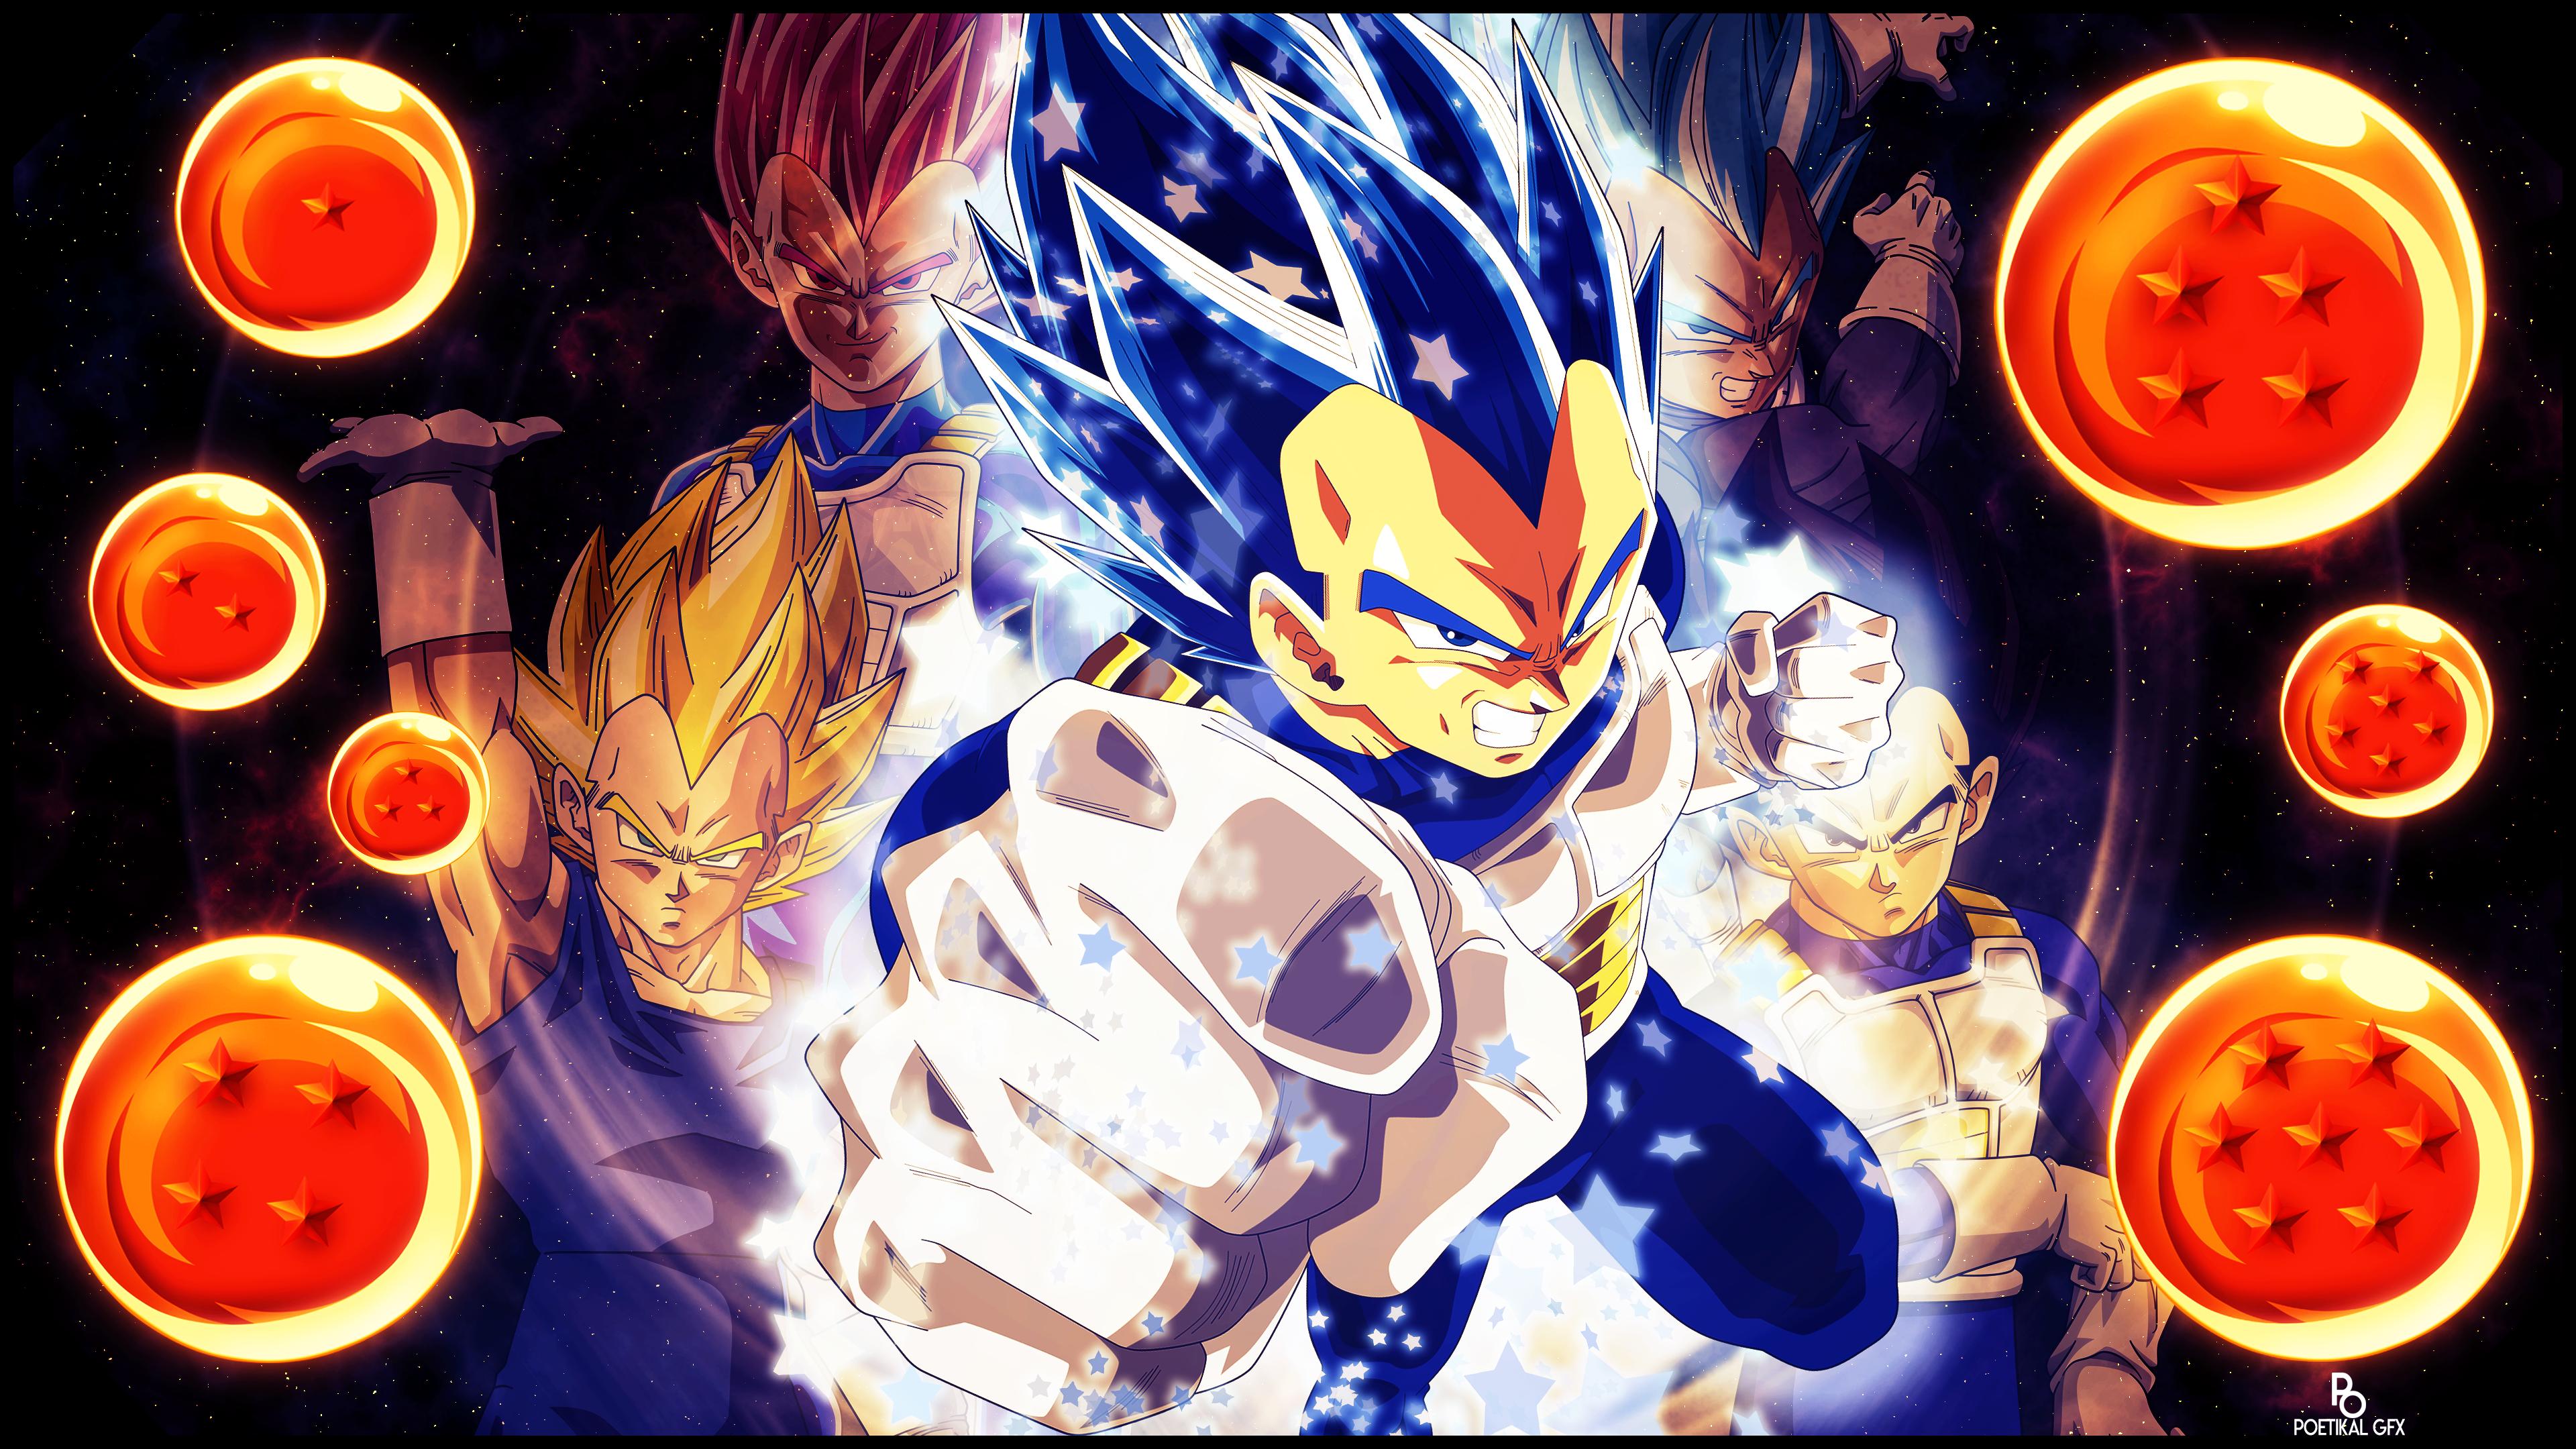 Full Power Super Saiyan Blue Vegeta 4k Wallpaper By Poetikal